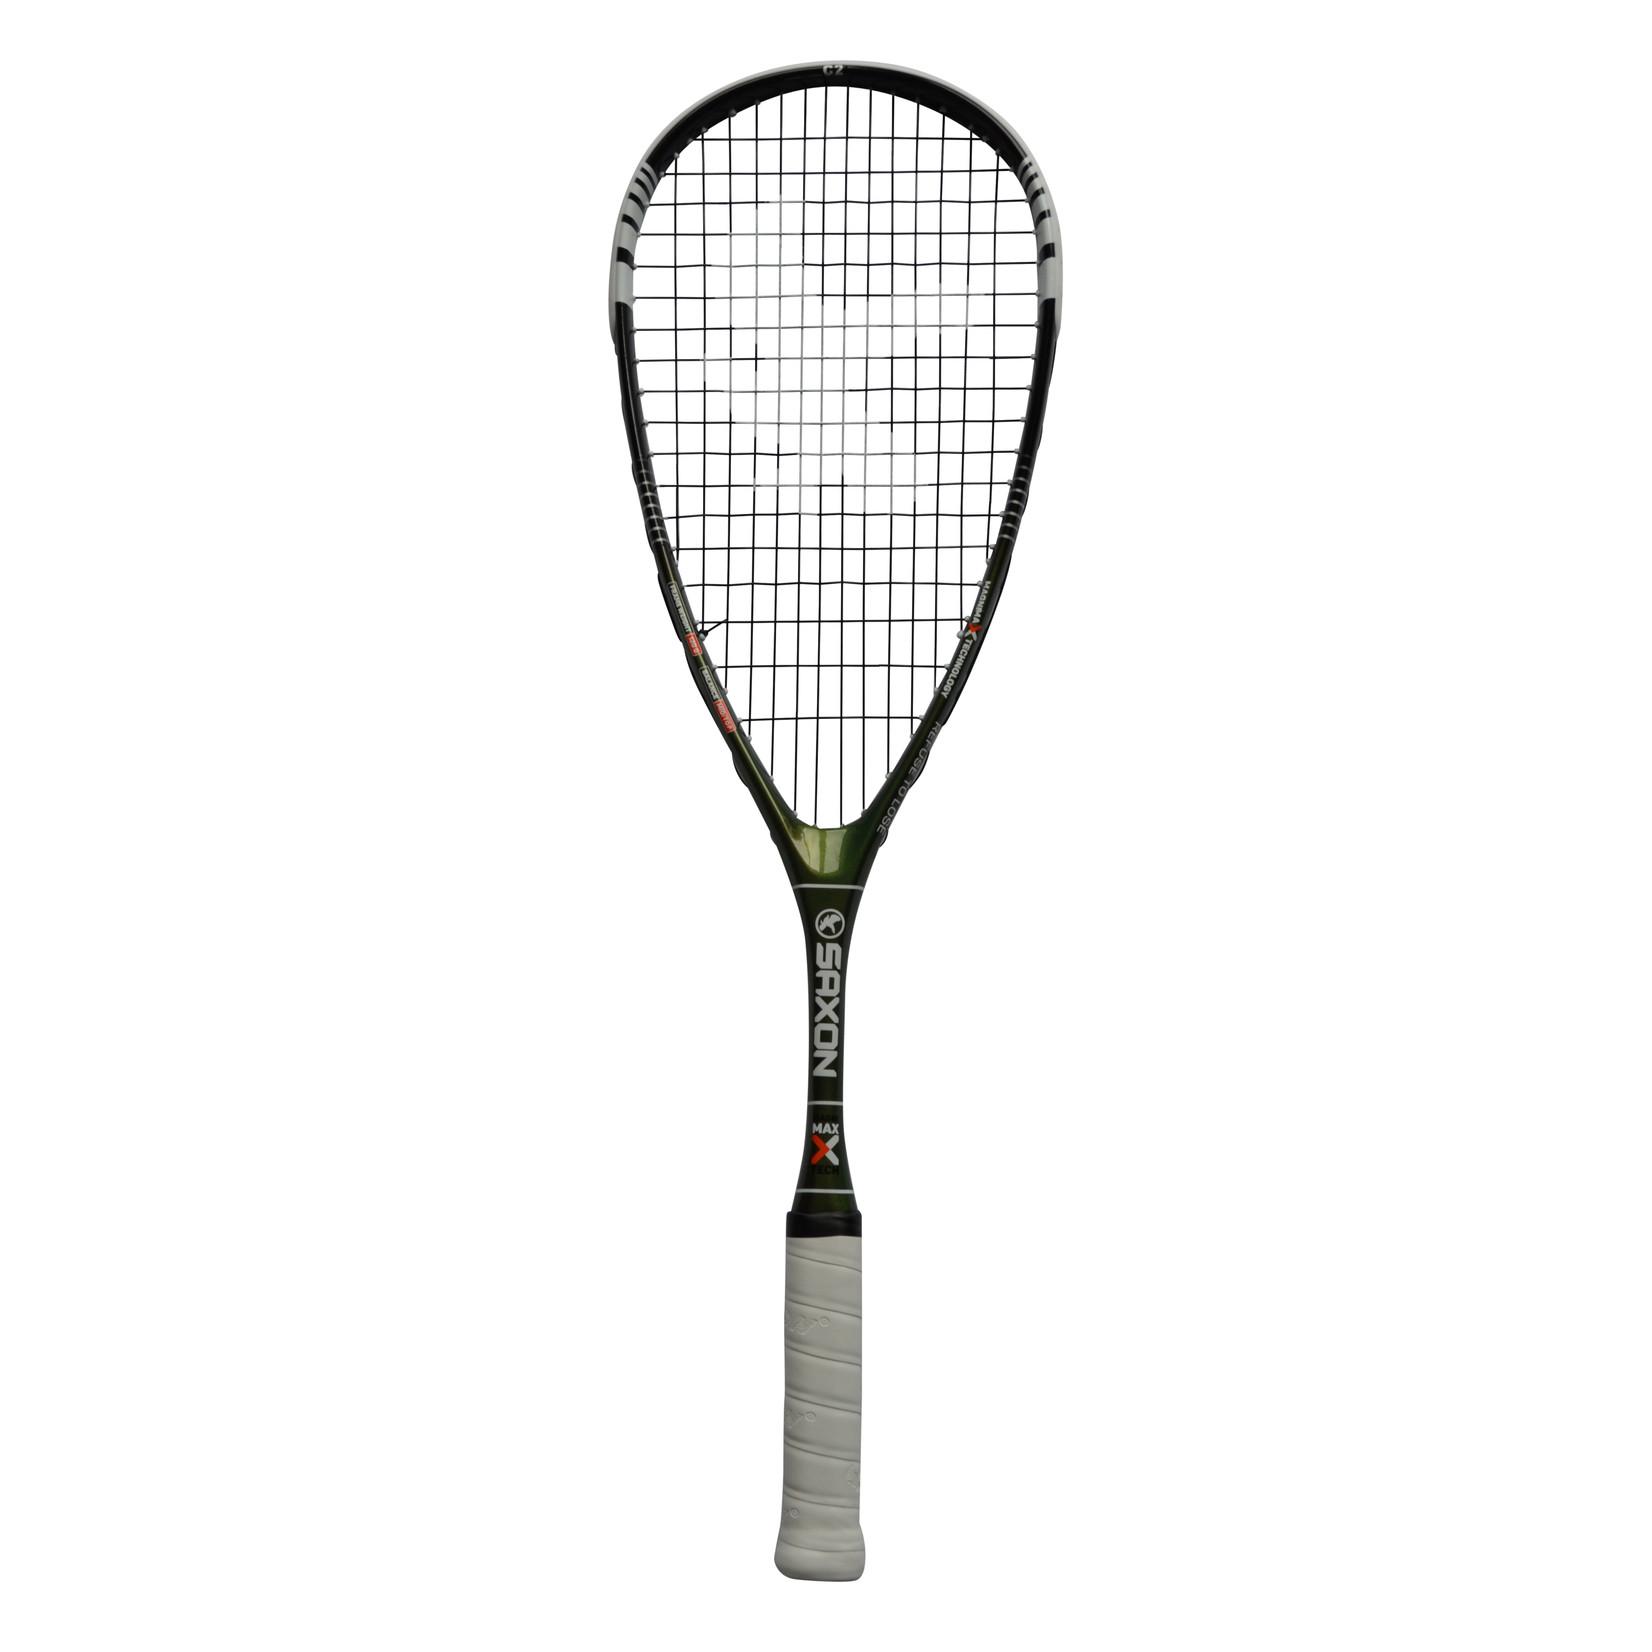 Saxon C2 squashracket